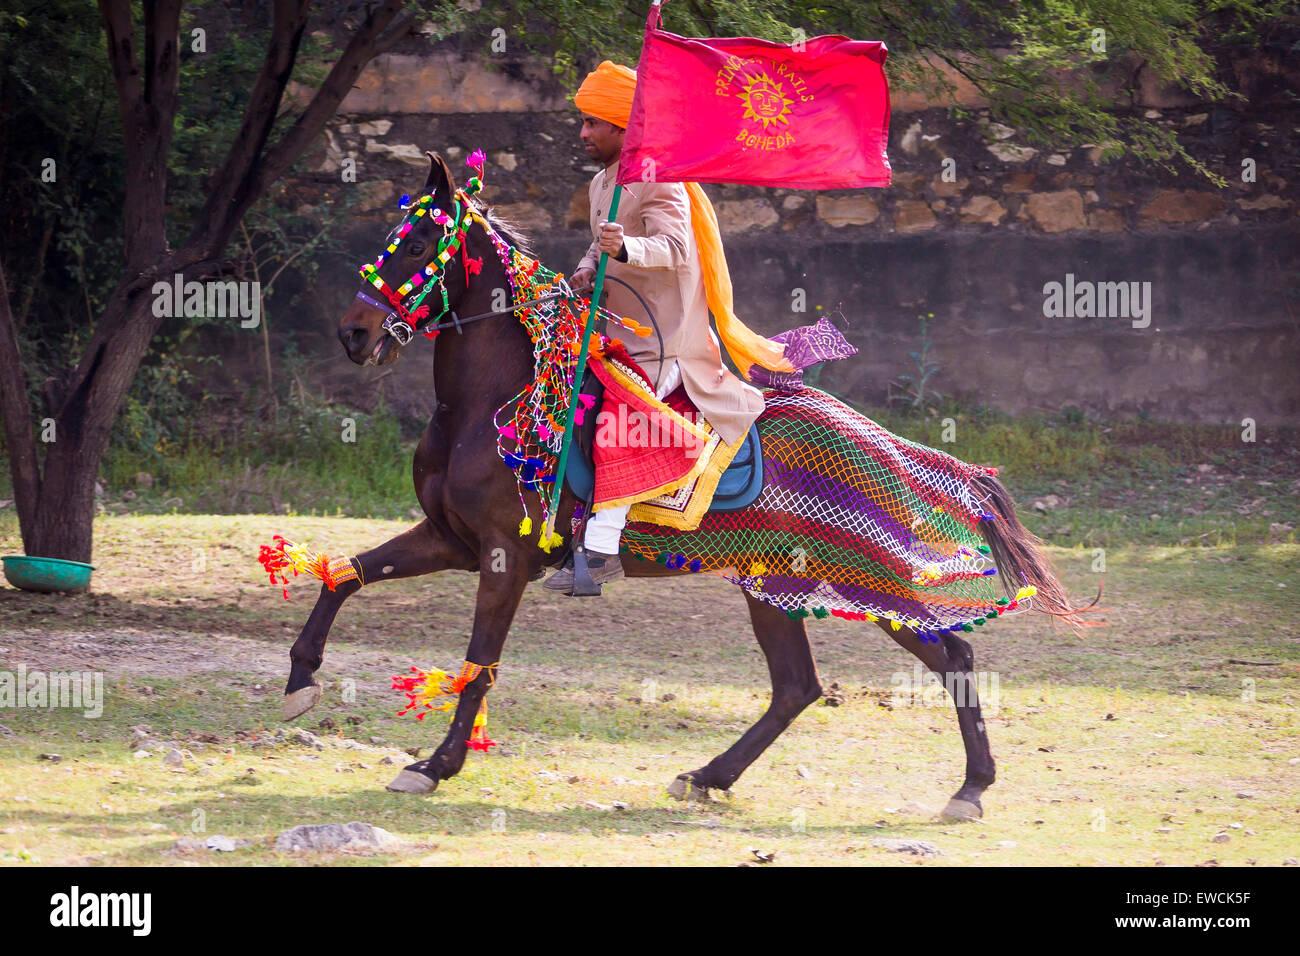 Flag-Lager-Reiter auf einem kunstvoll verzierten Bucht Pferd. Indien Stockbild